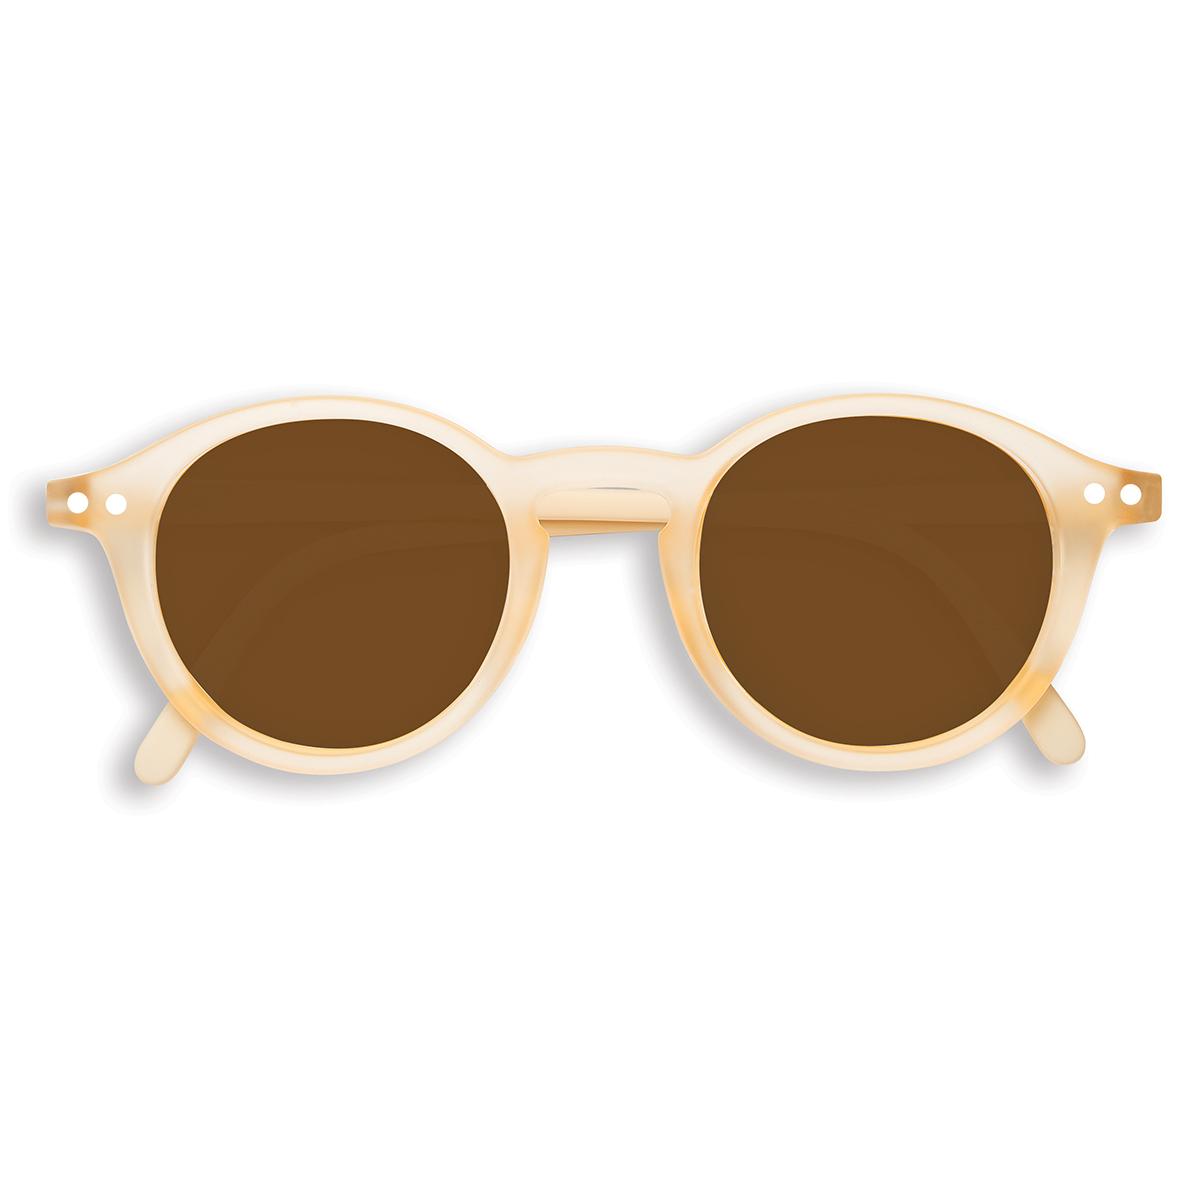 Accessoires bébé Lunettes de Soleil Sun Junior G 5/10 Ans - Neutral Beige IZIPIZI - AR201907190037